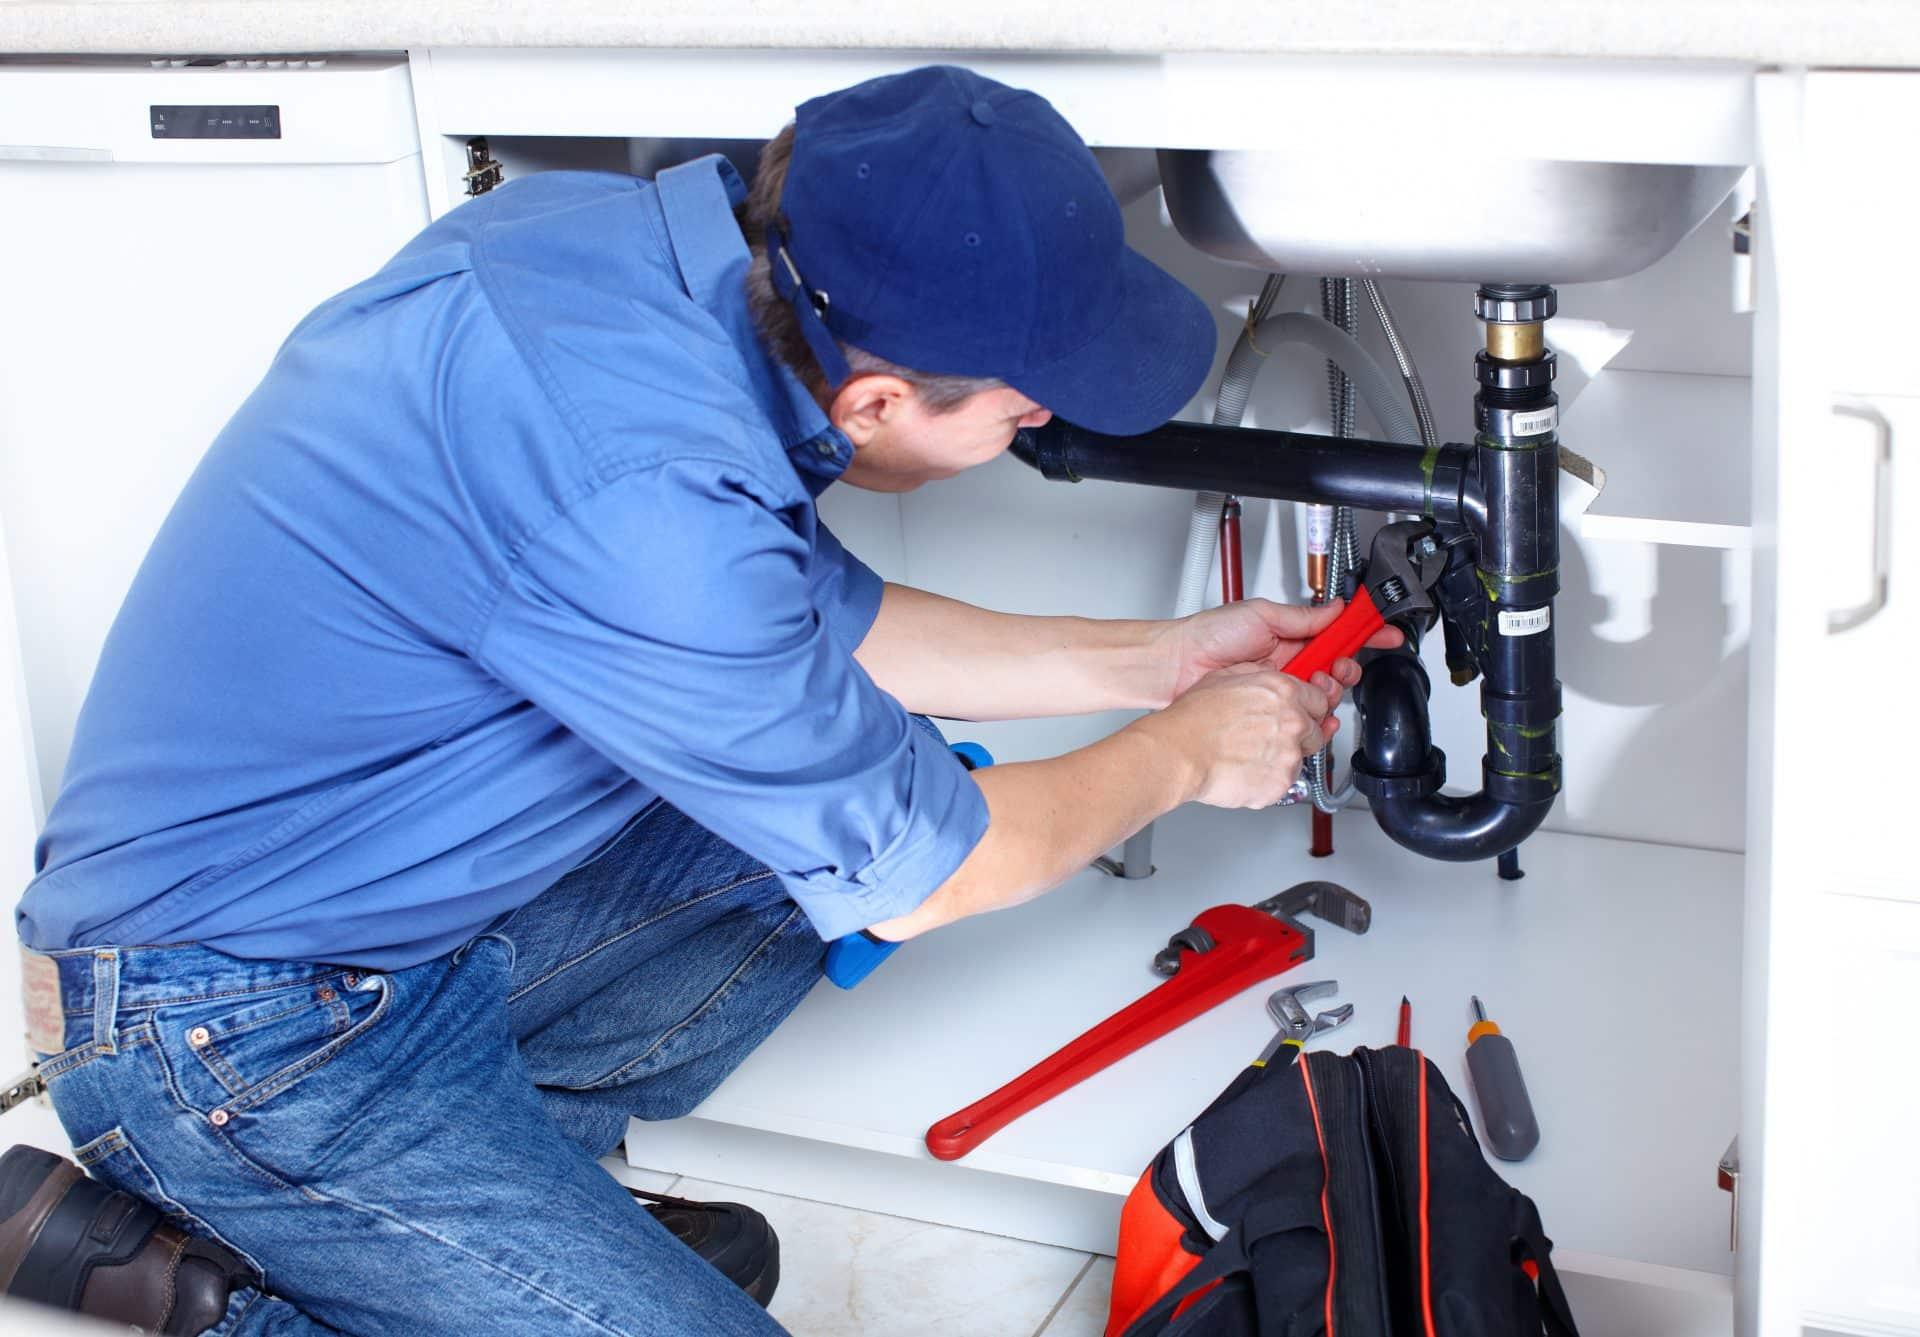 Plombier réparant une fuite d'eau